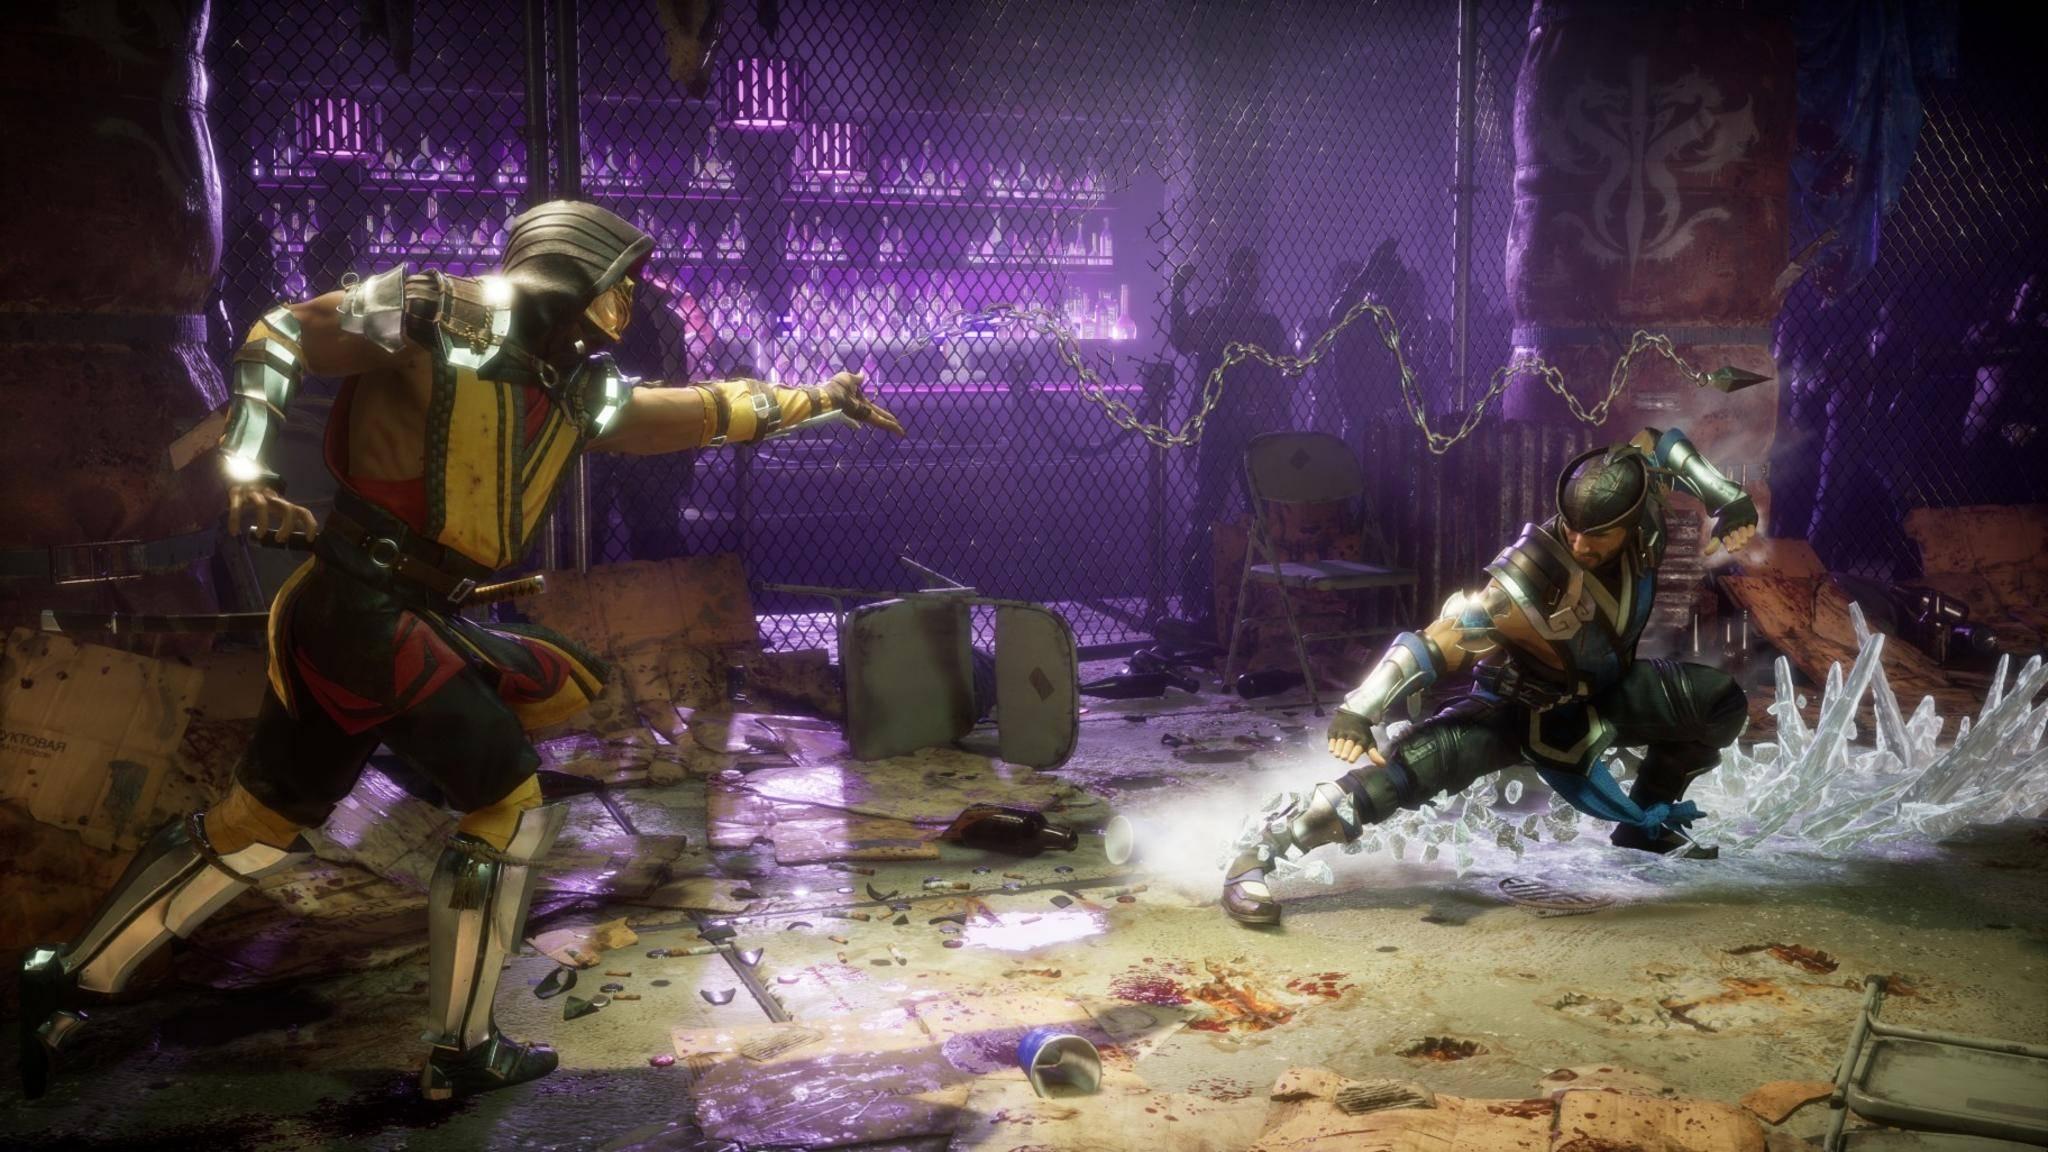 Scorpion (links) lässt auch auf der Leinwand seine Ninja-Skills spielen.